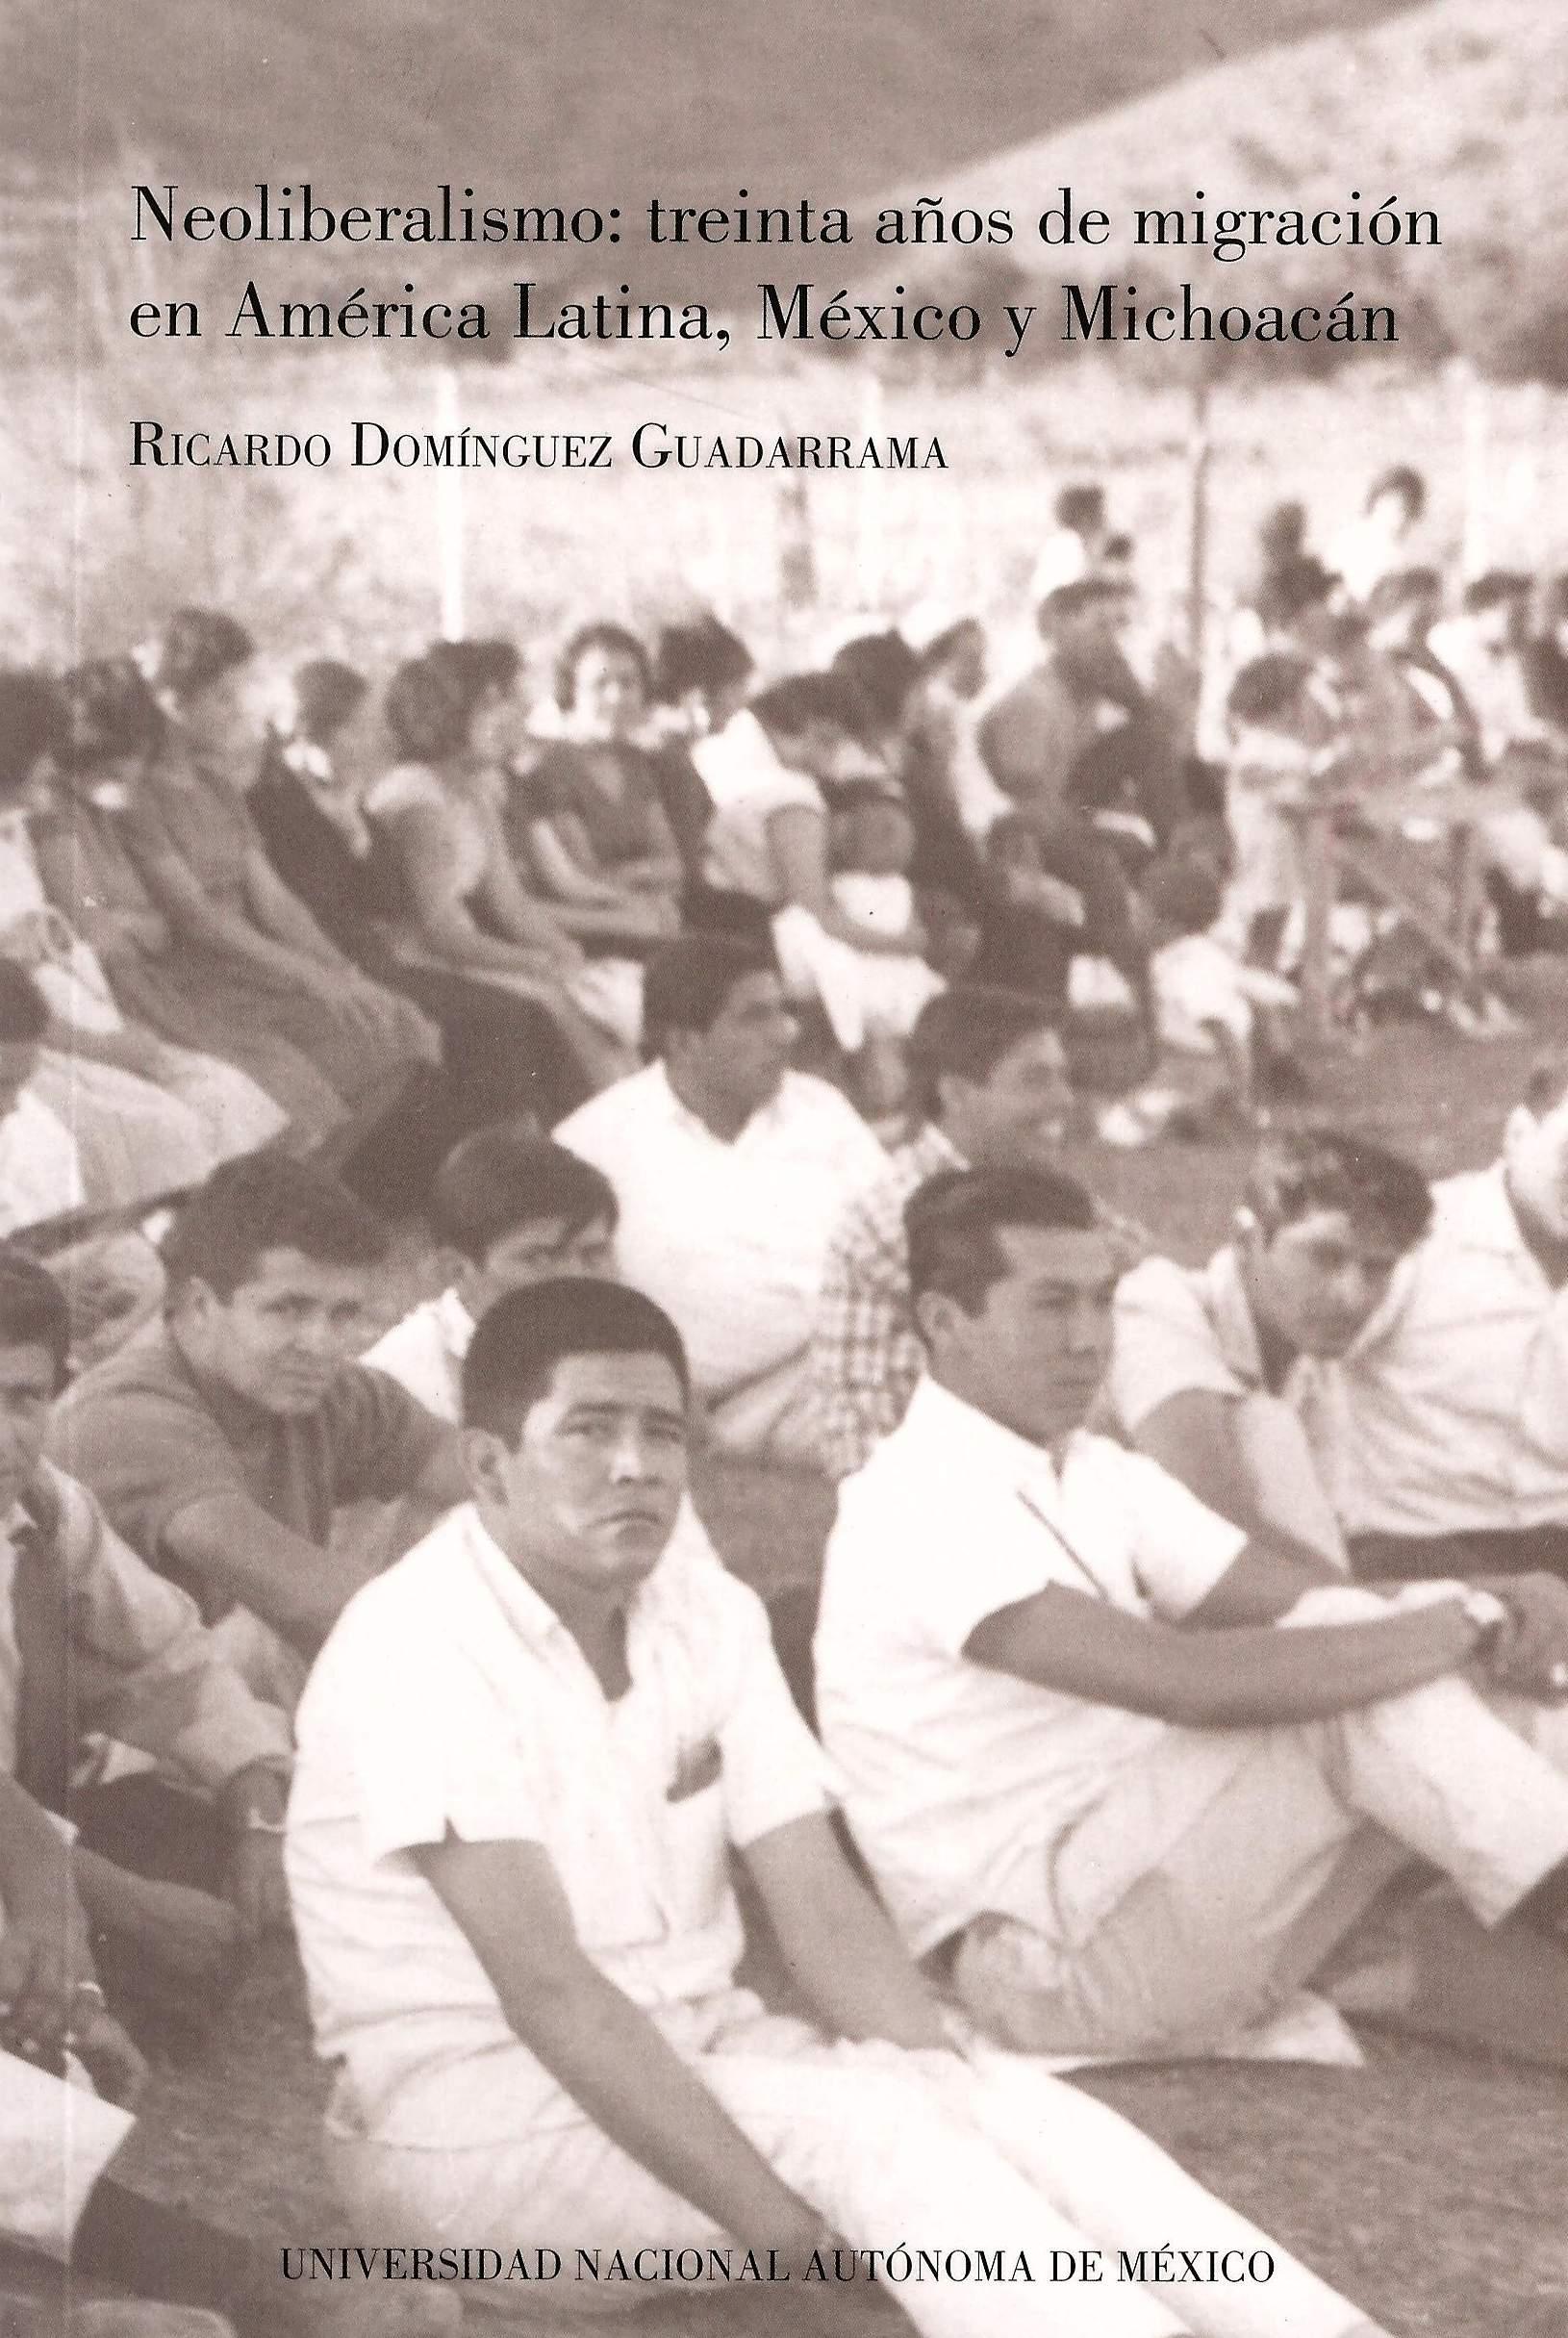 Neoliberalismo: treinta años de migración en América Latina, México y Michoacán